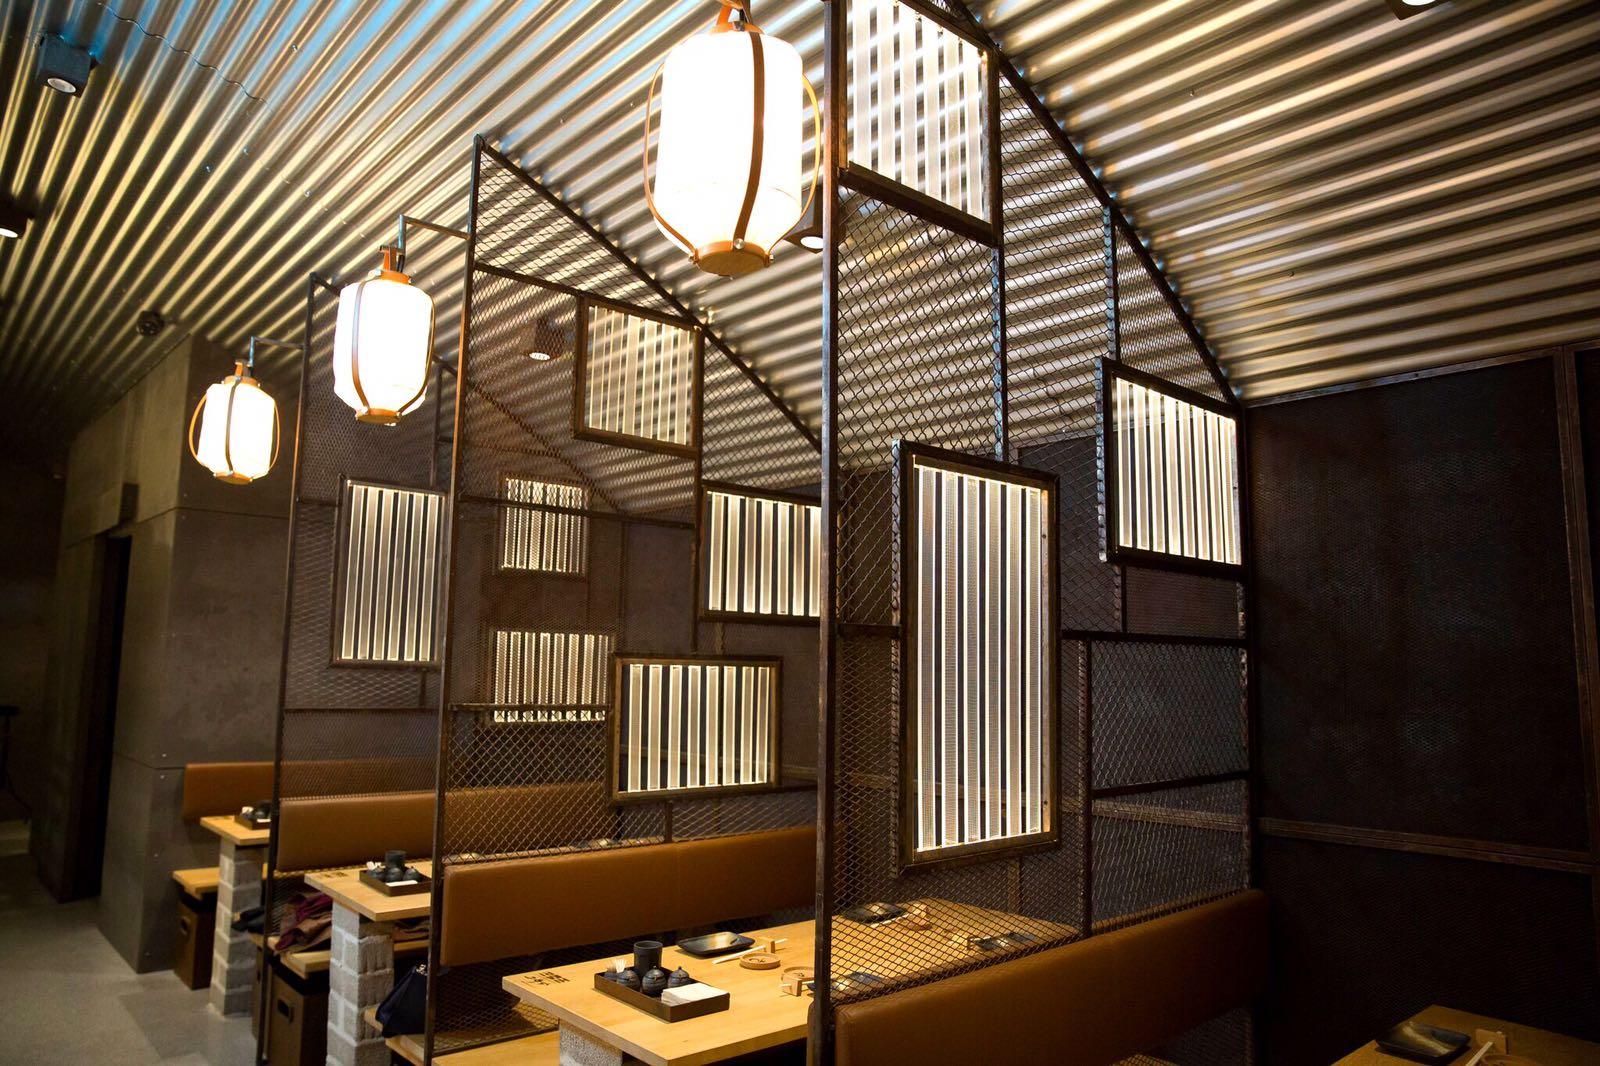 Restaurante Hikari